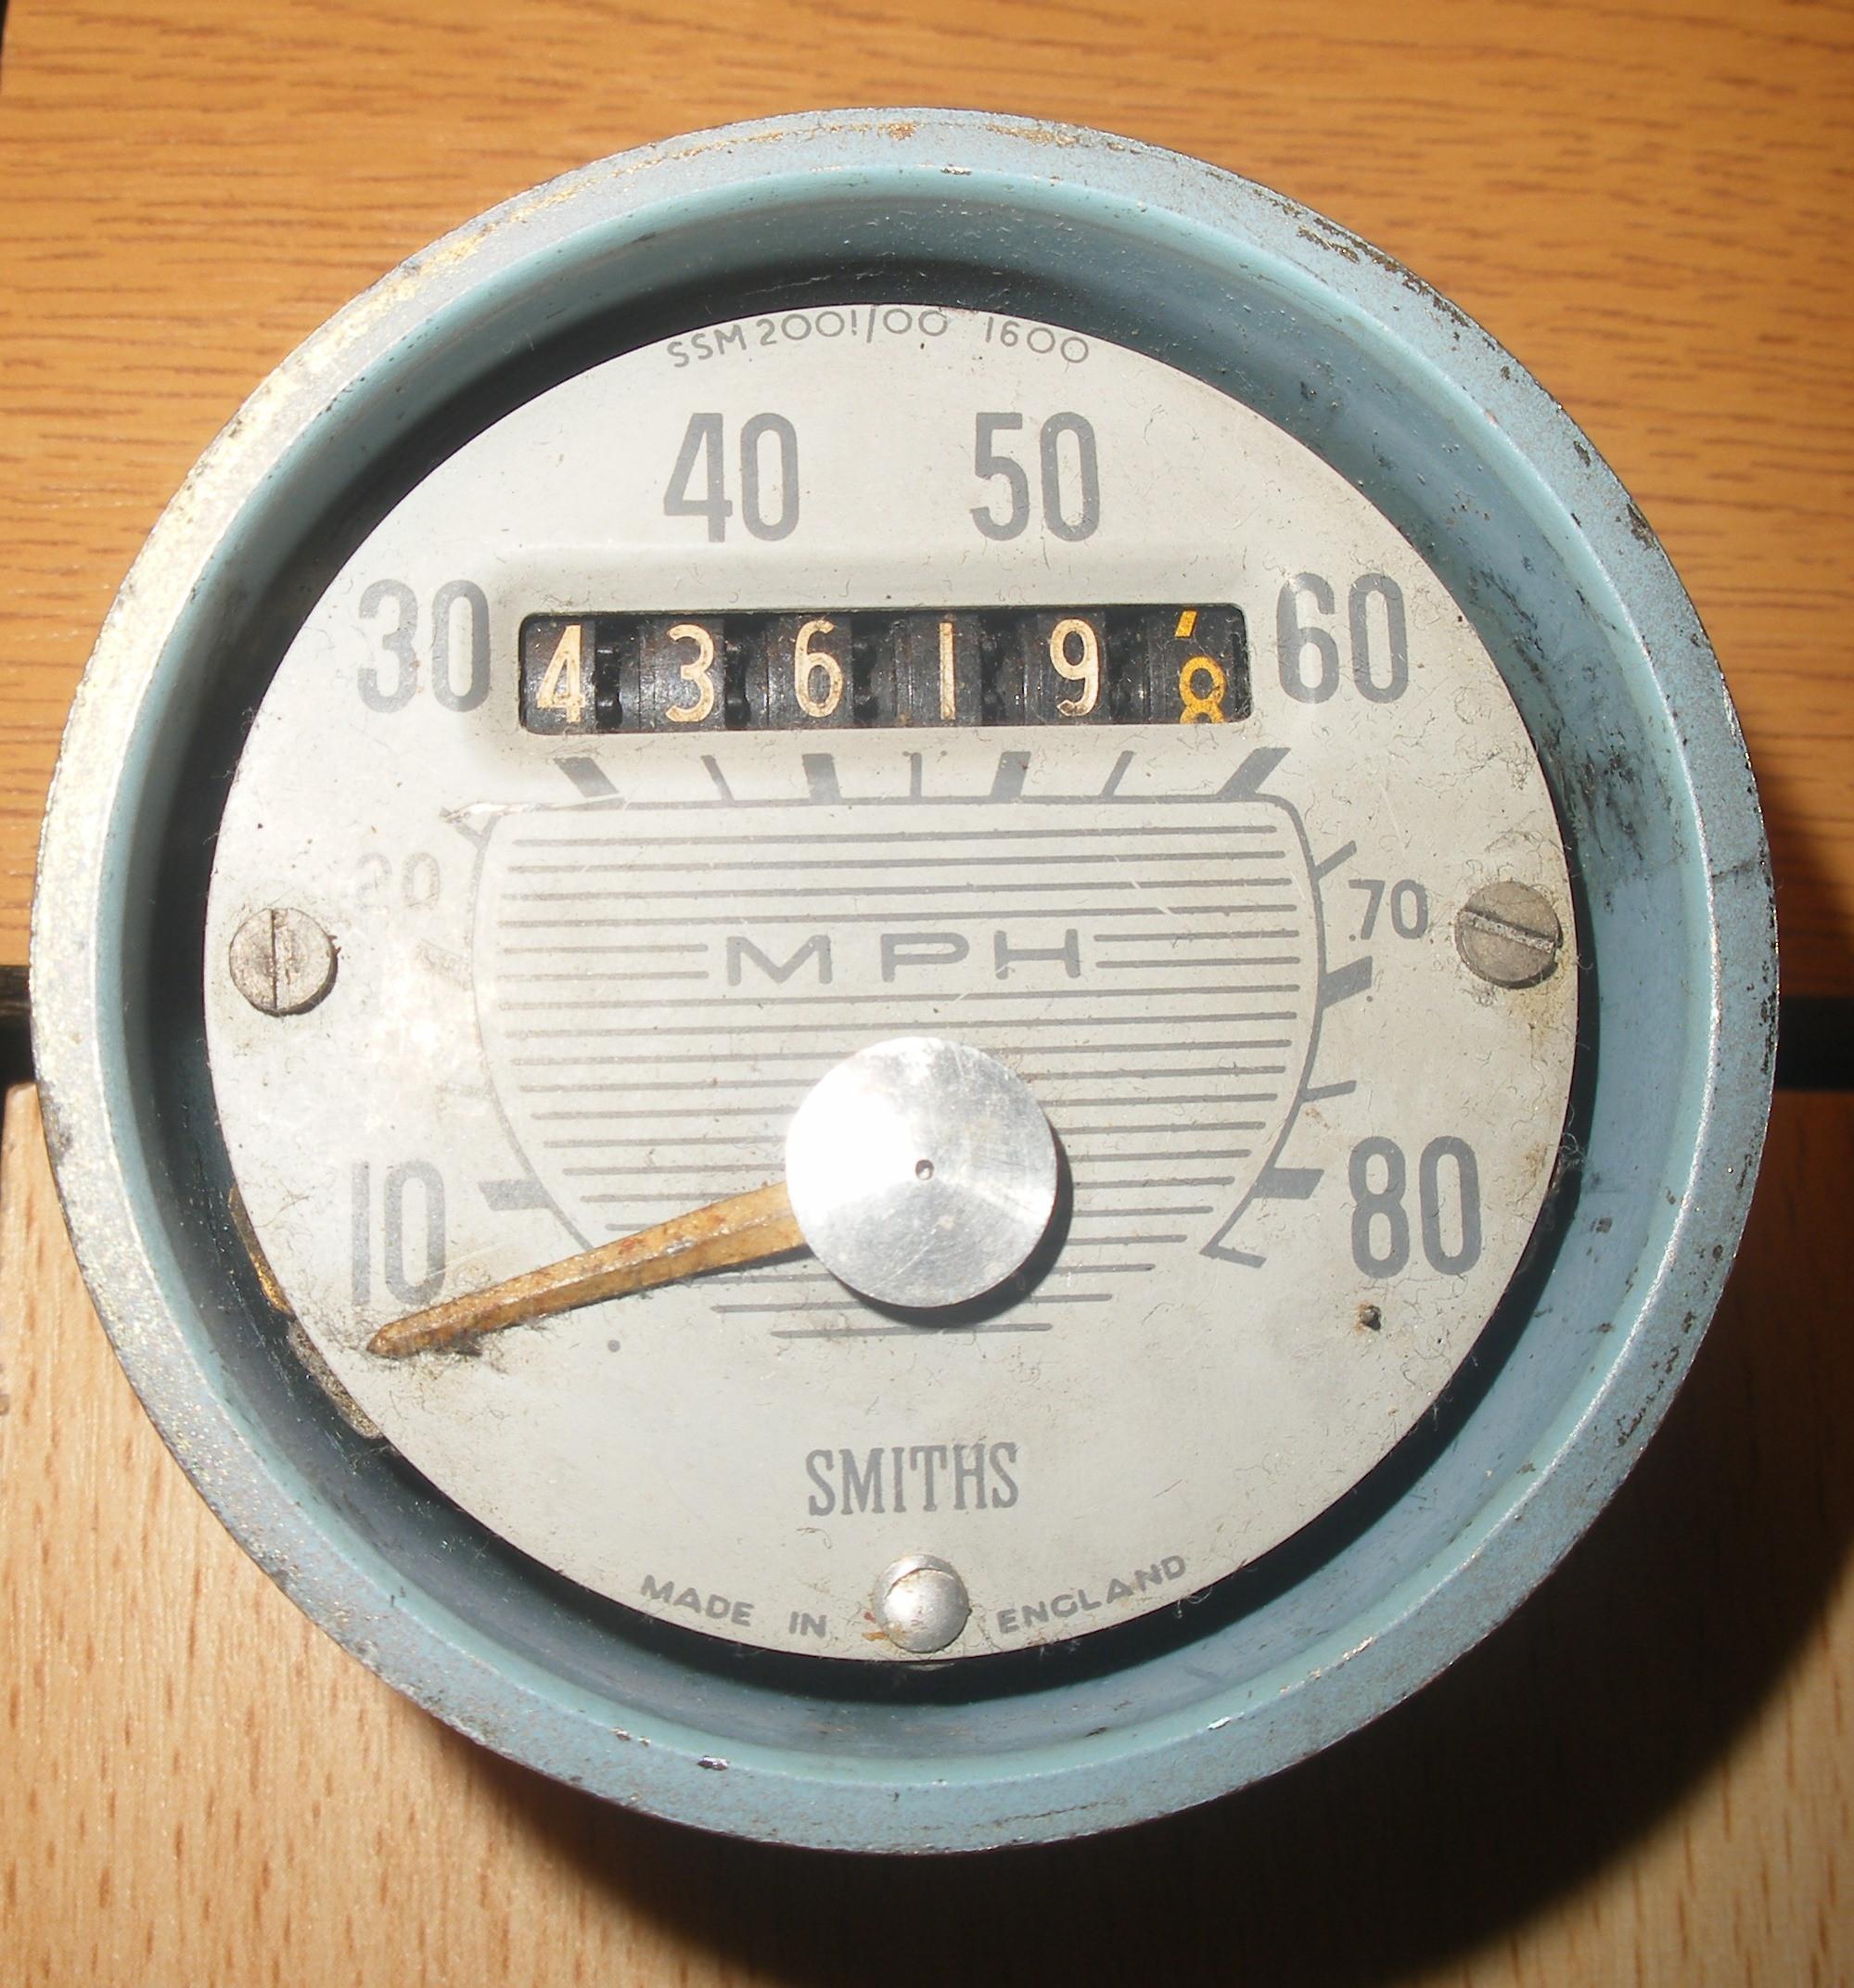 GLE874C-SSM-2001-00-Speedometer.JPG